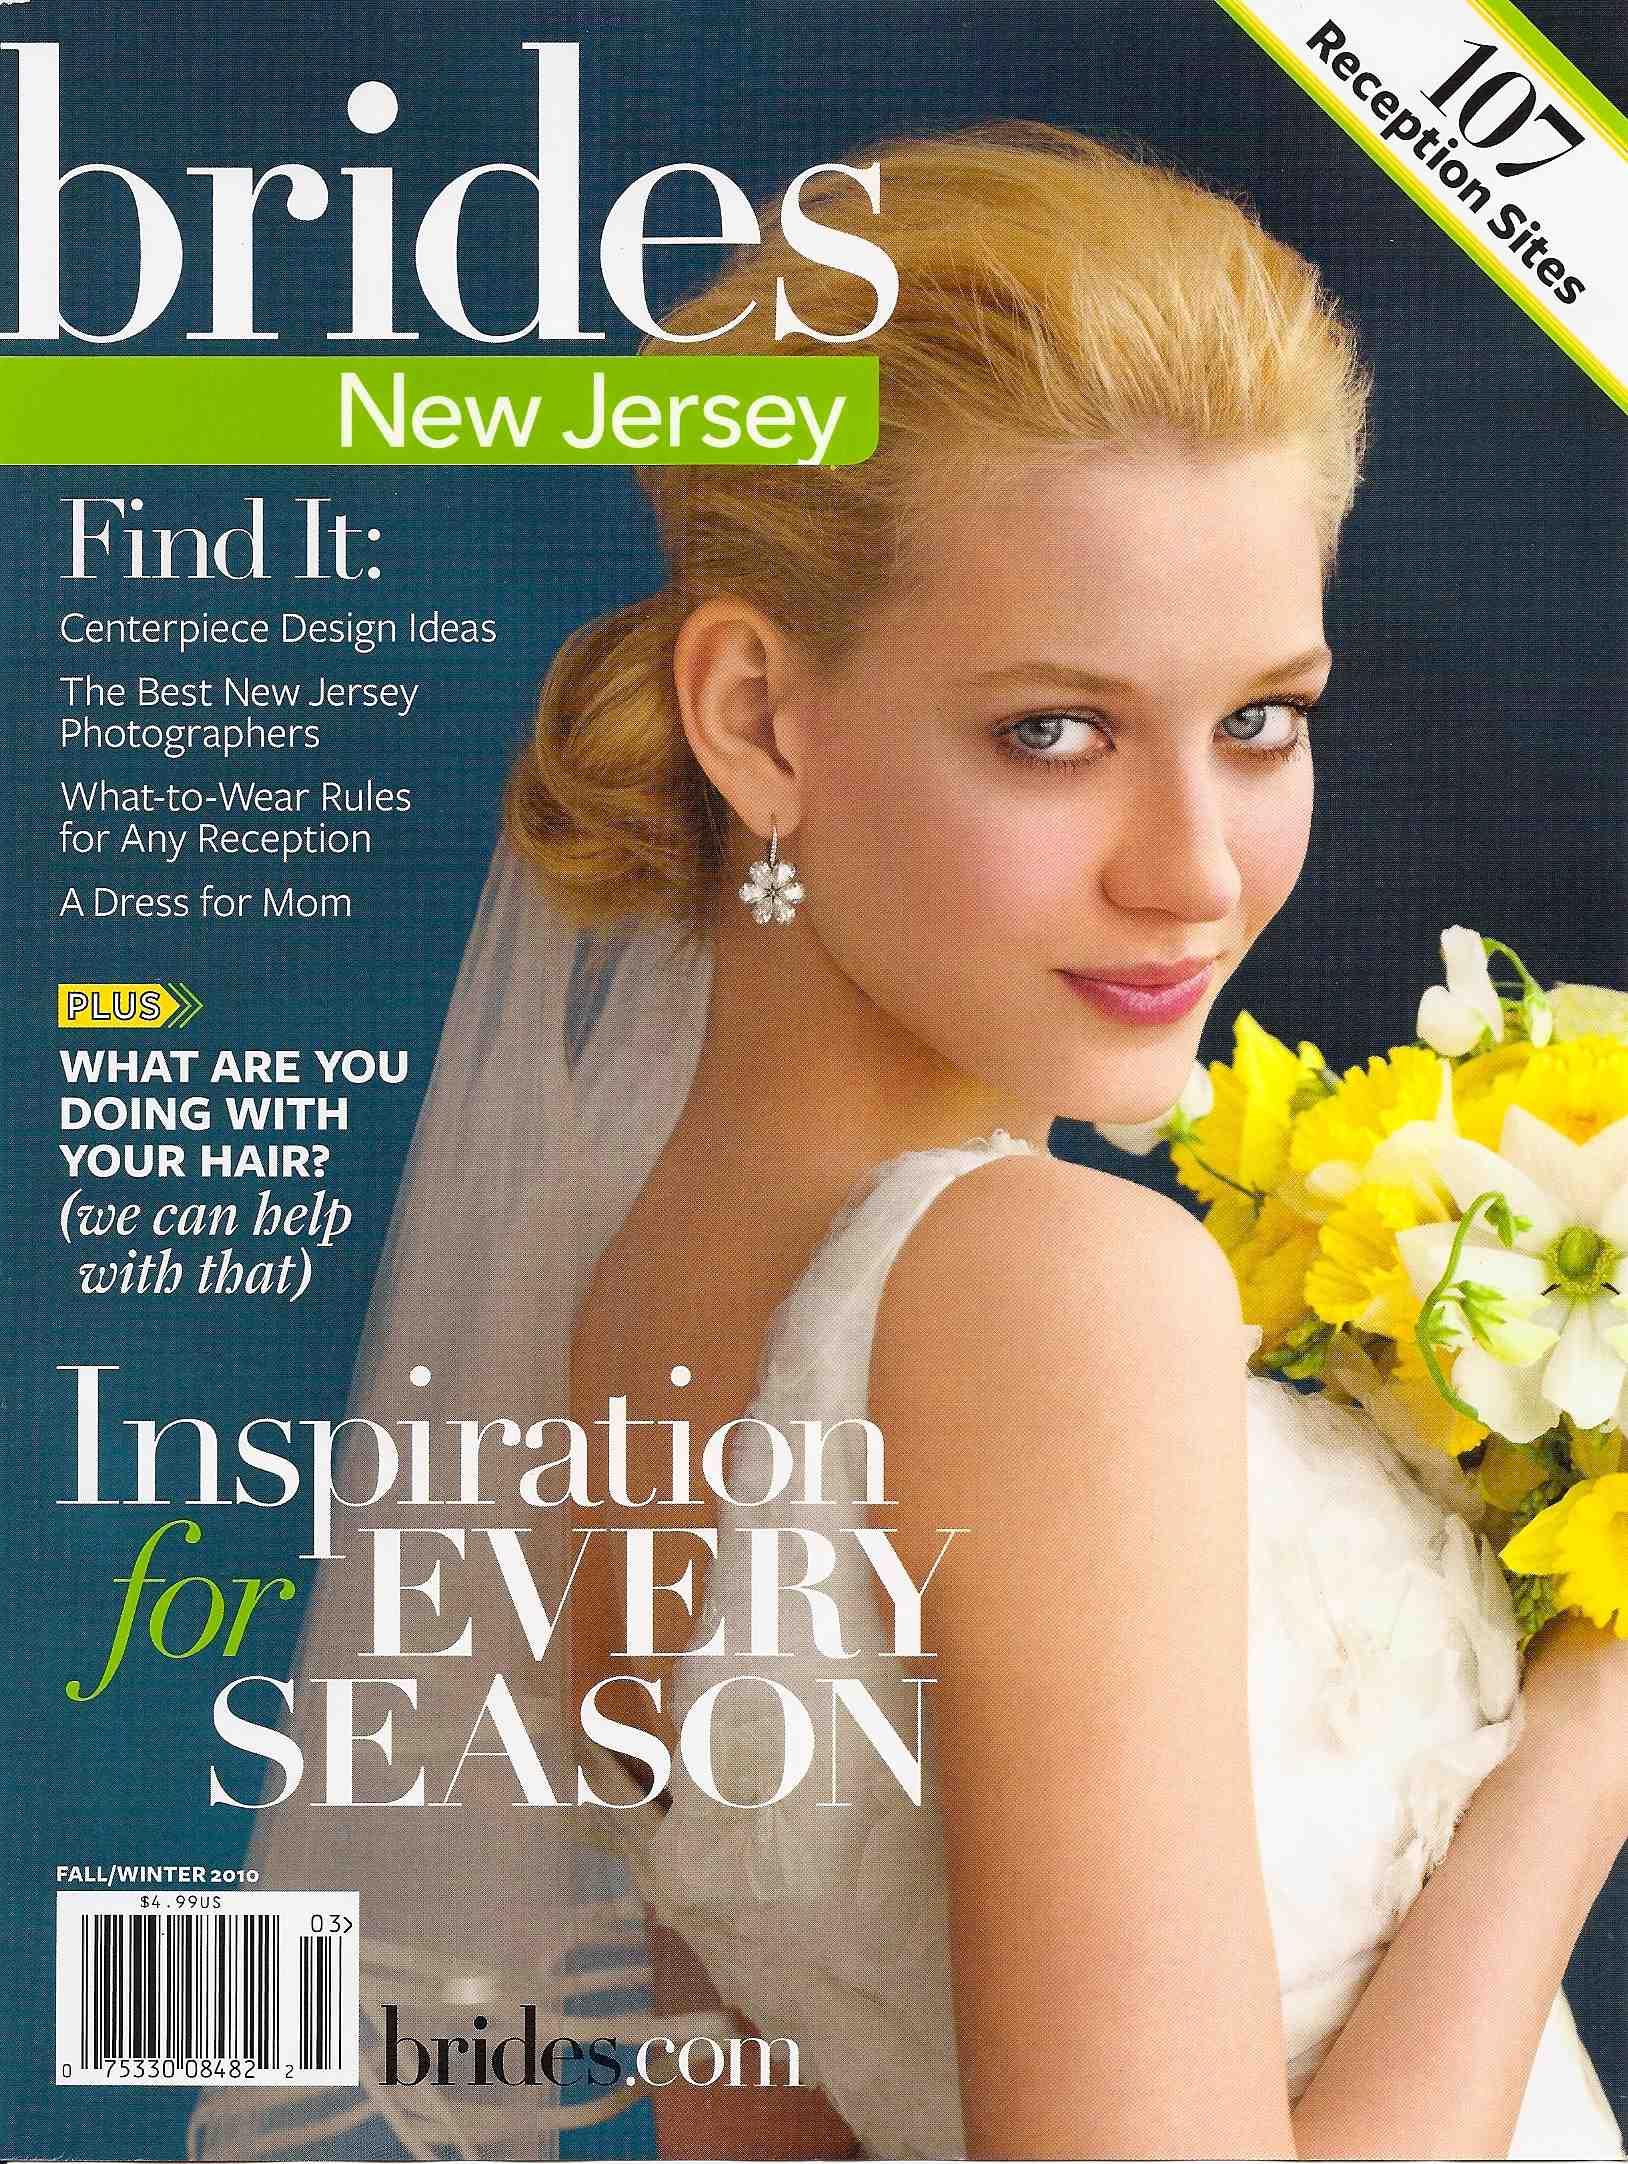 BridesLocalFallCover copy.jpg